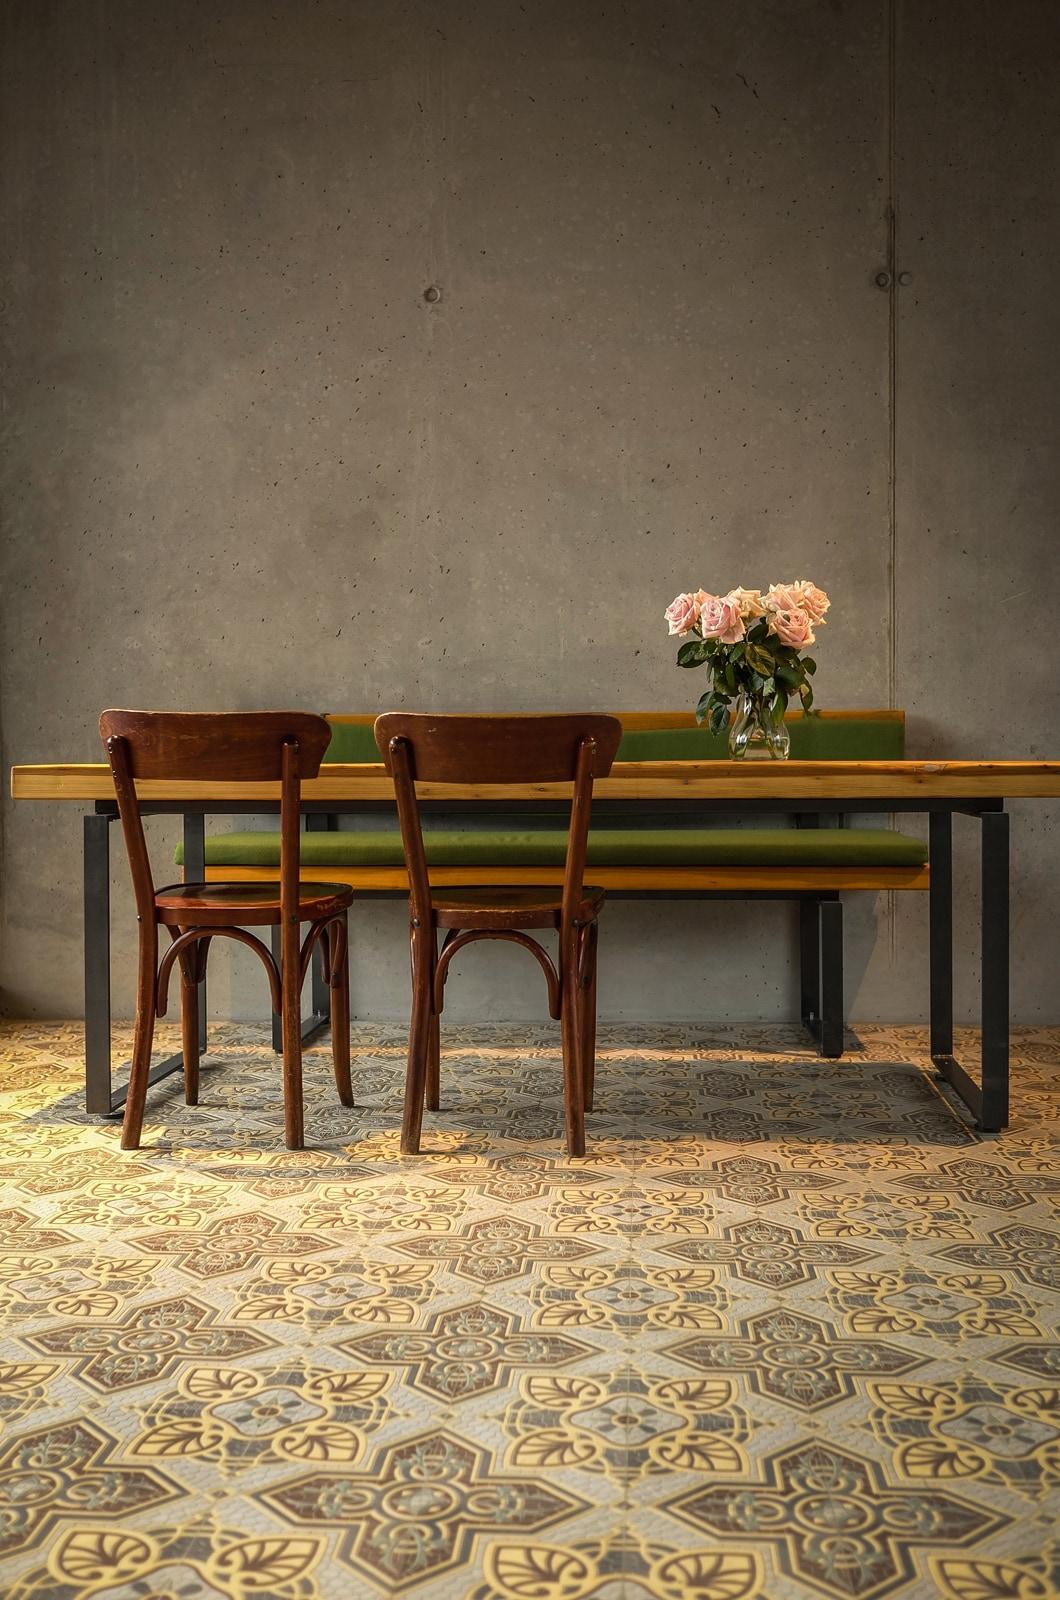 zementfliesen-VIA Zementmosaikplatten-nr.41071-cafe-viaplatten | 41071